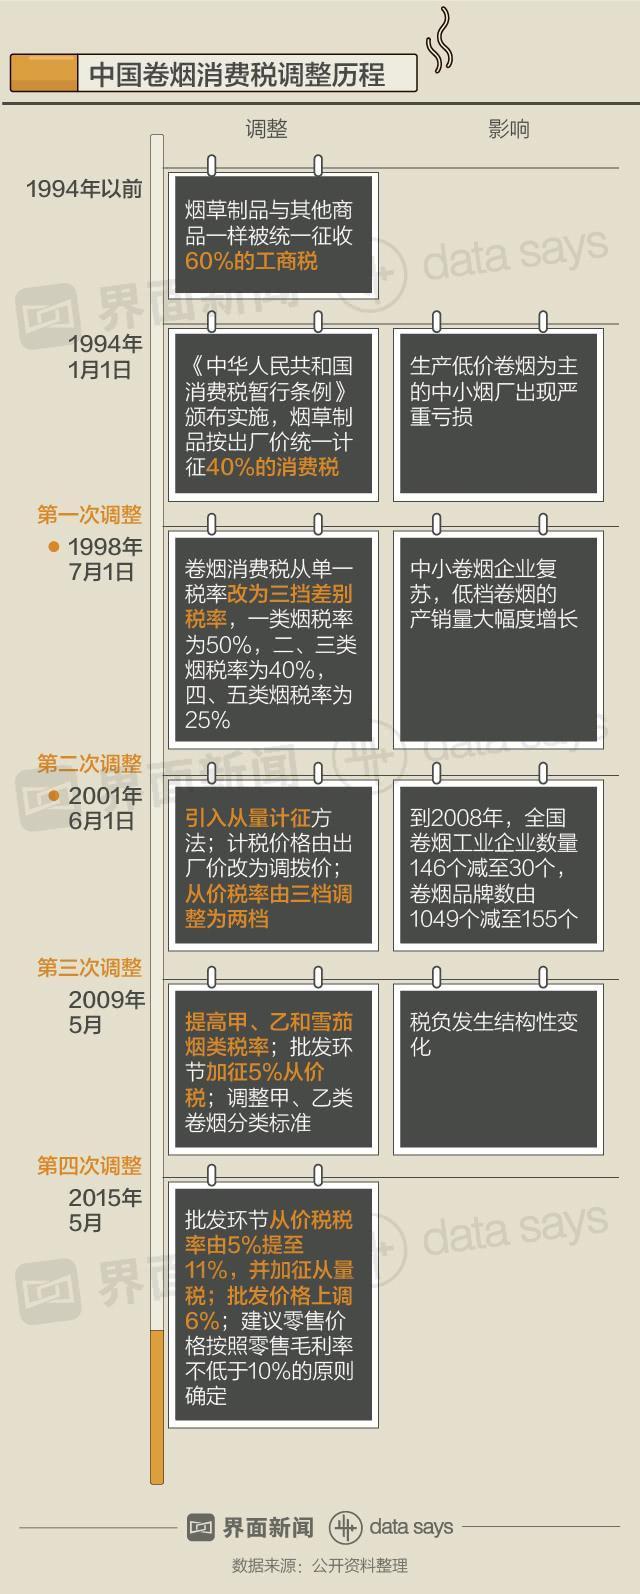 中国最近一次调整烟草税是在2015年5月。根据《烟草税:理论、制度设计与政策实践》,与2014年相比,2015年一至五类烟的批发价格和零售价格均有所增长。税占零售价比重从52%上升至56%,税利从9110亿元升至10950亿元。